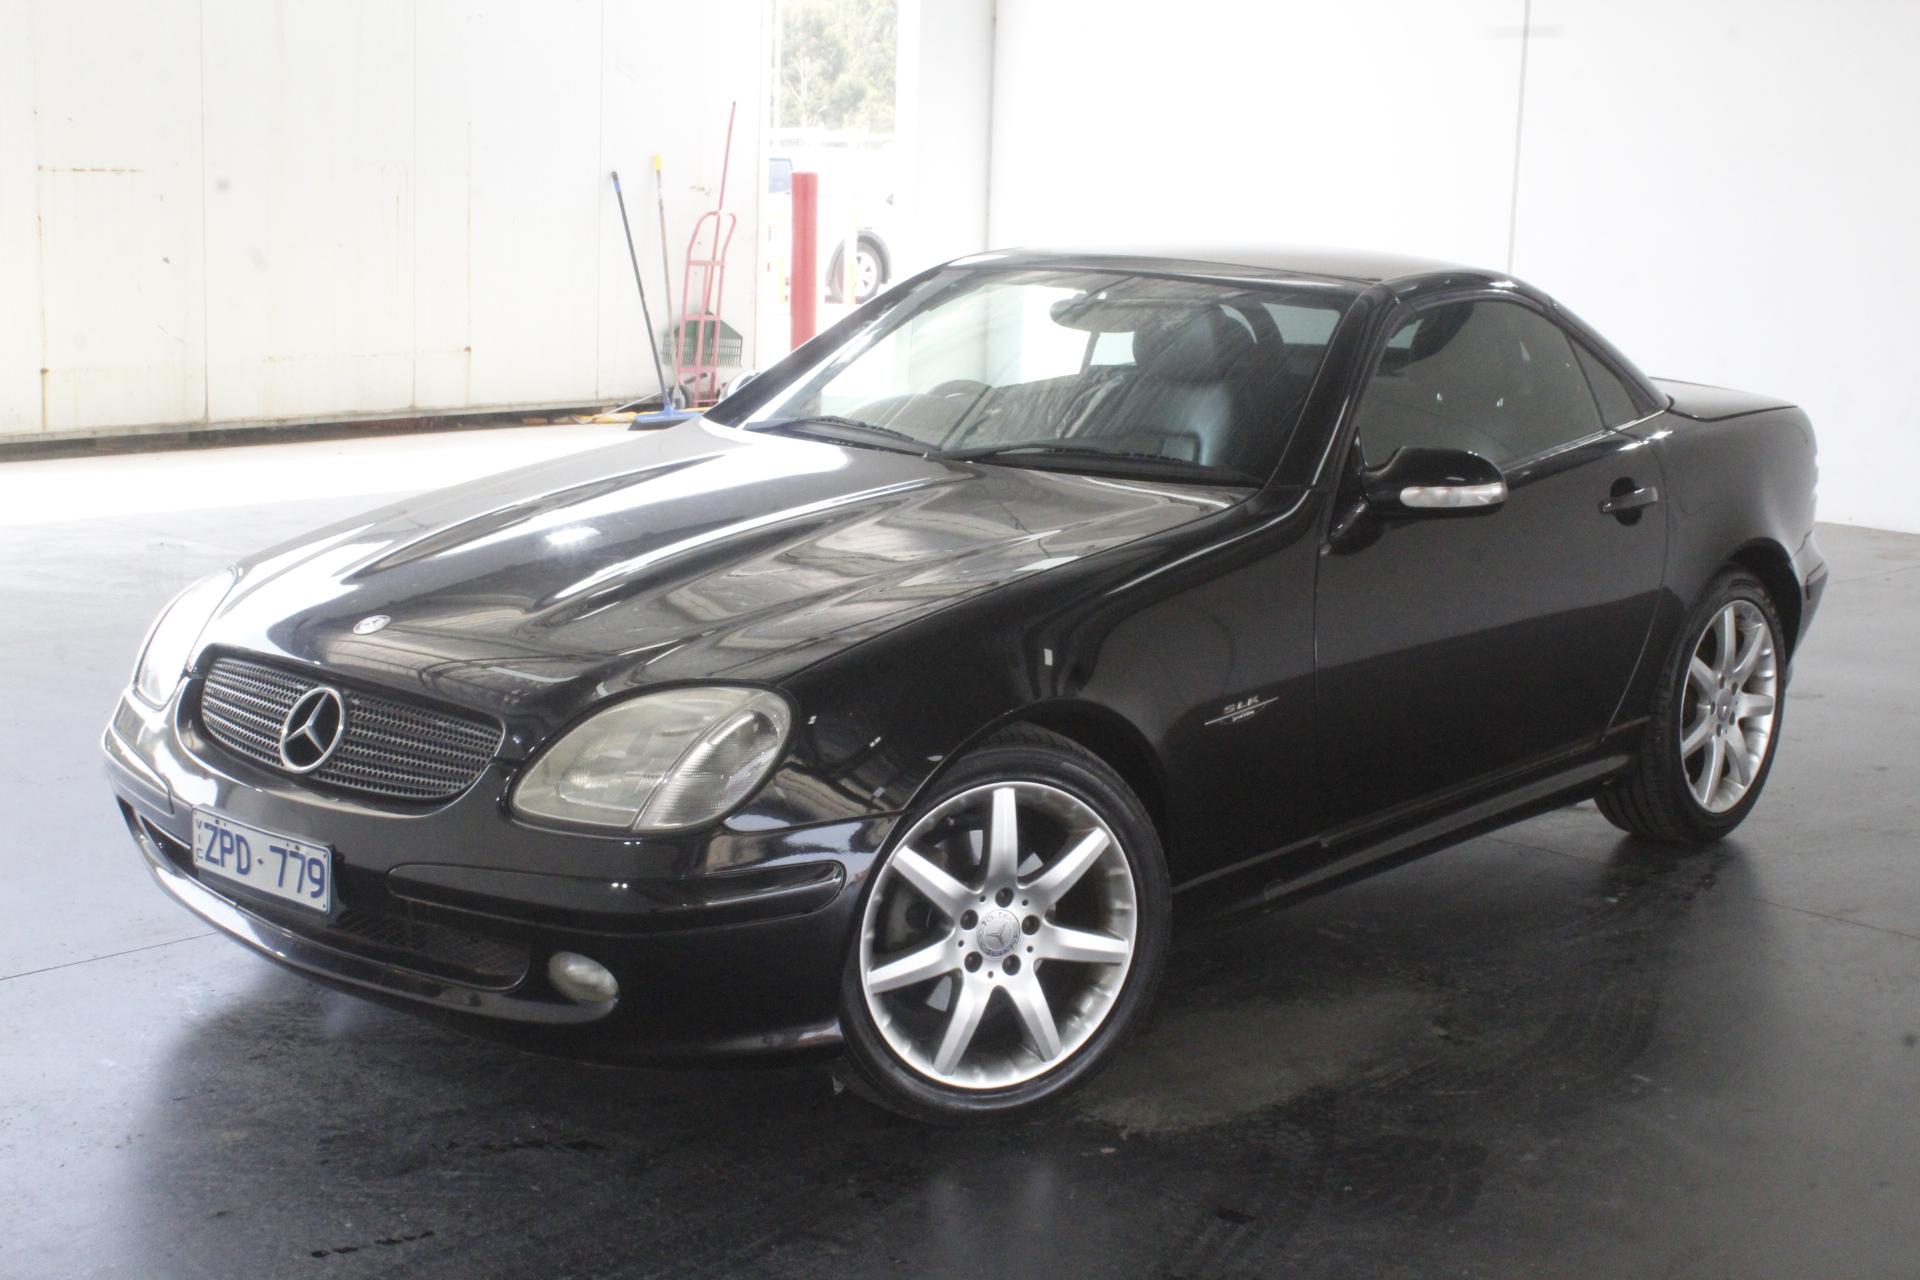 2002 Mercedes Benz SLK230 Kompressor SPECIAL EDITION Convertible